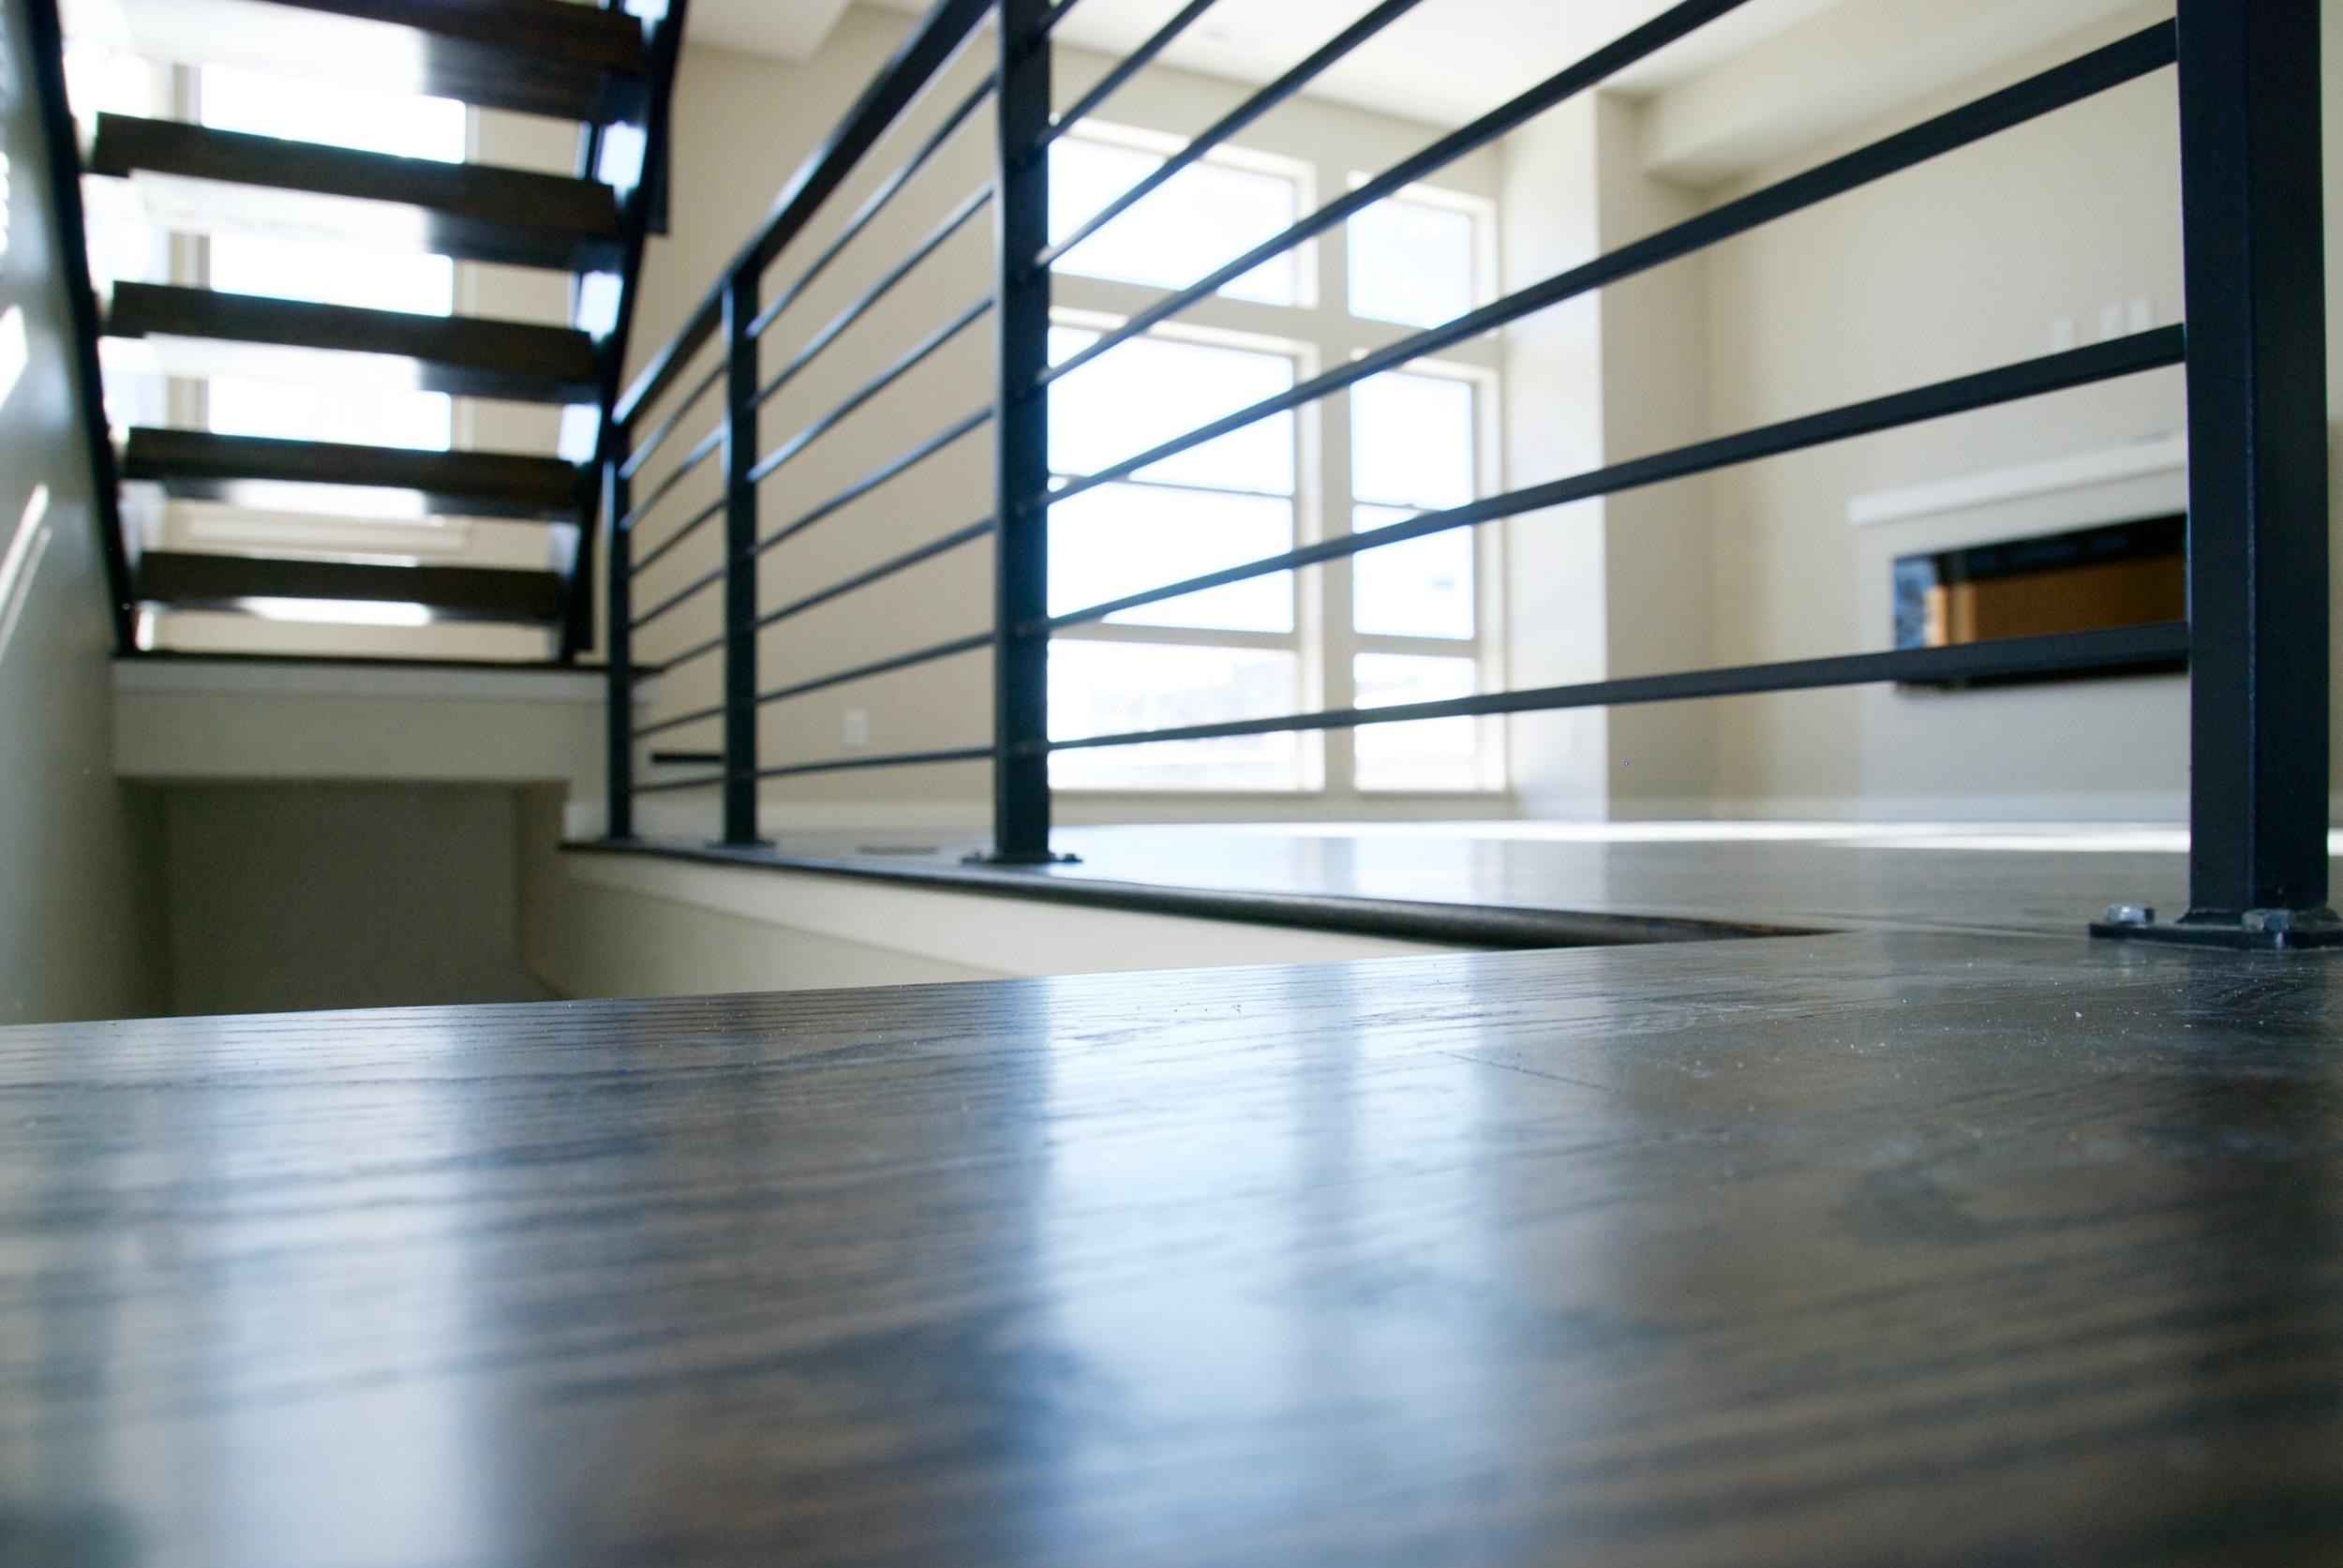 Fourth image of Residential Hardwood Flooring for Zuni Denver by ASA Flooring